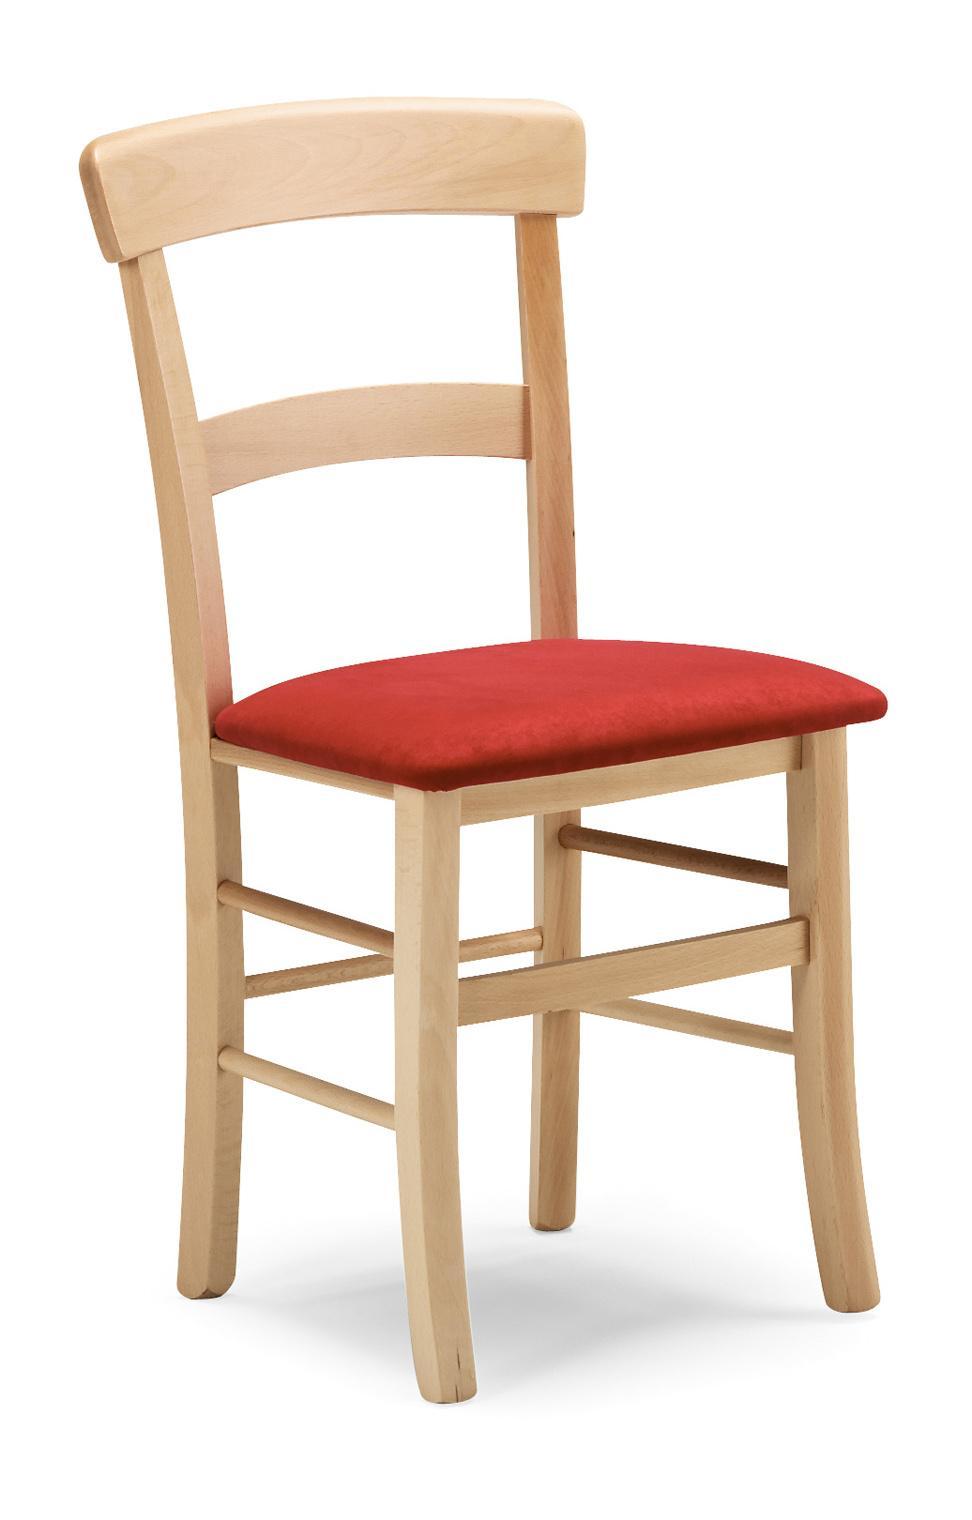 sedie da cucina design 4 0 10000 0 pezzi